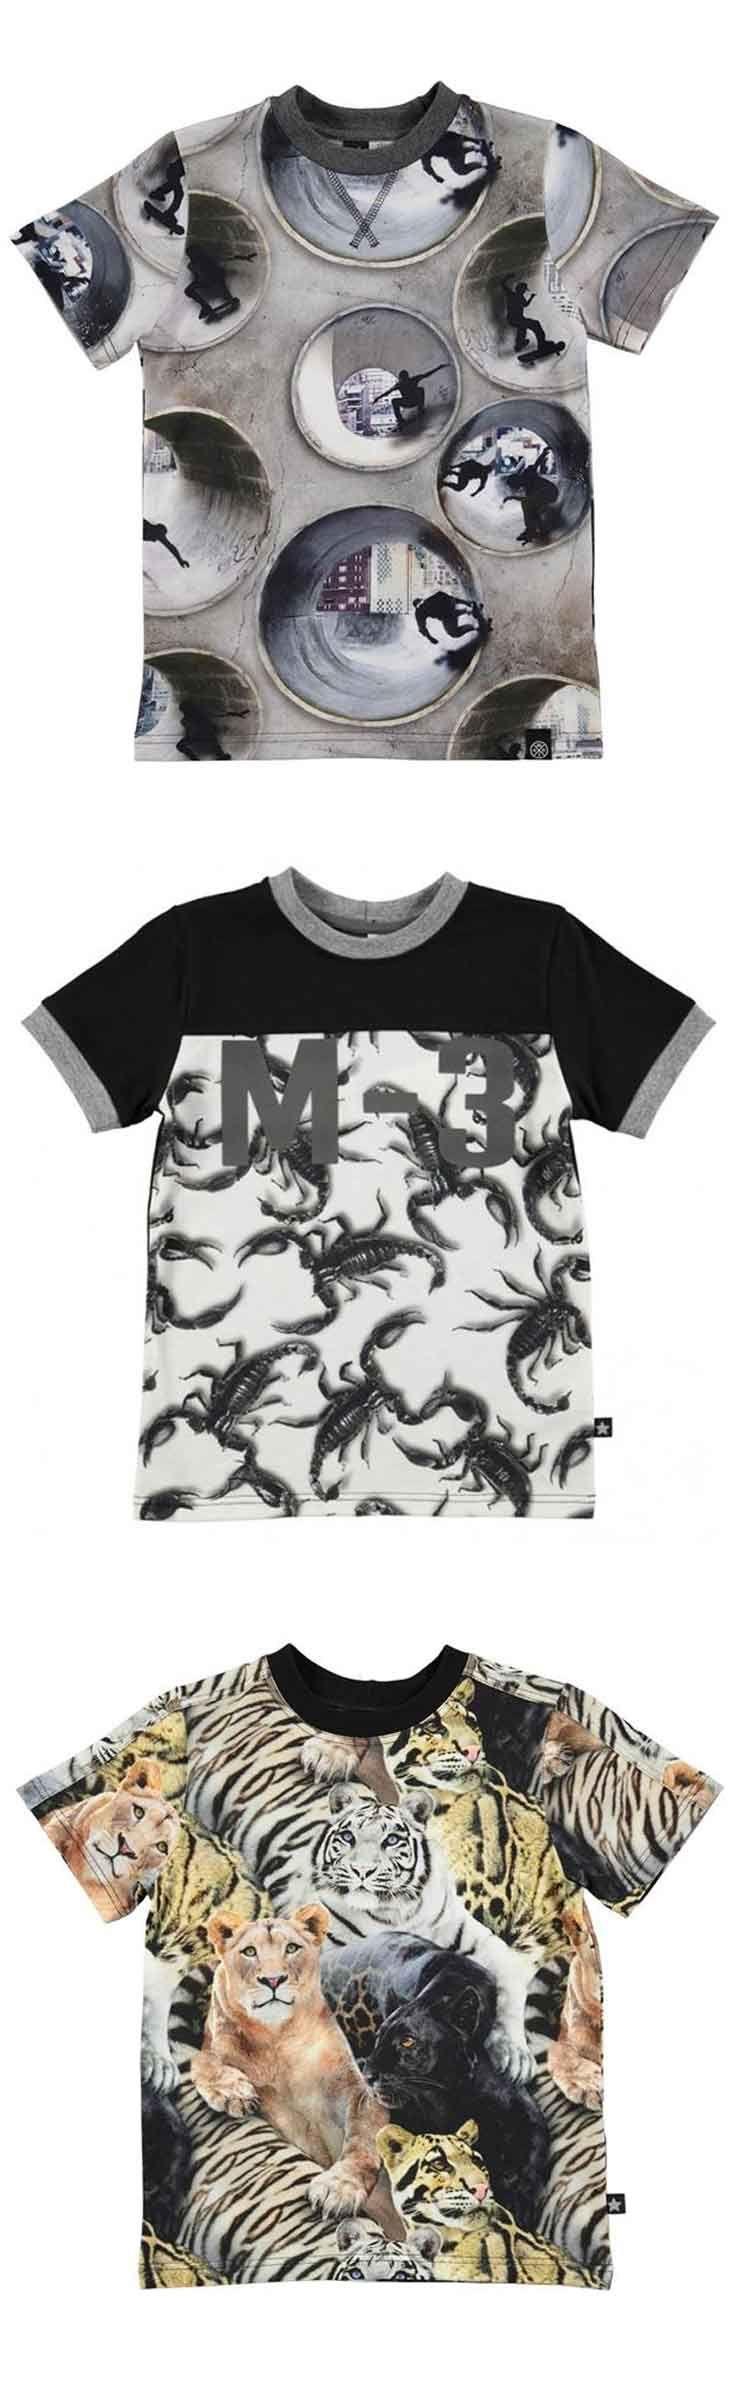 Stoere t-shirts met uitgesproken prints zoals skateboarders, schorpioenen, wilde dieren, voetbal, enzovoort. Molo jongenskleding heeft volop eyecatching prints en items in de collectie van zomer 2017. Shop deze eigenzinnige collectie @ http://www.nummerzestien.eu/merken/molo/